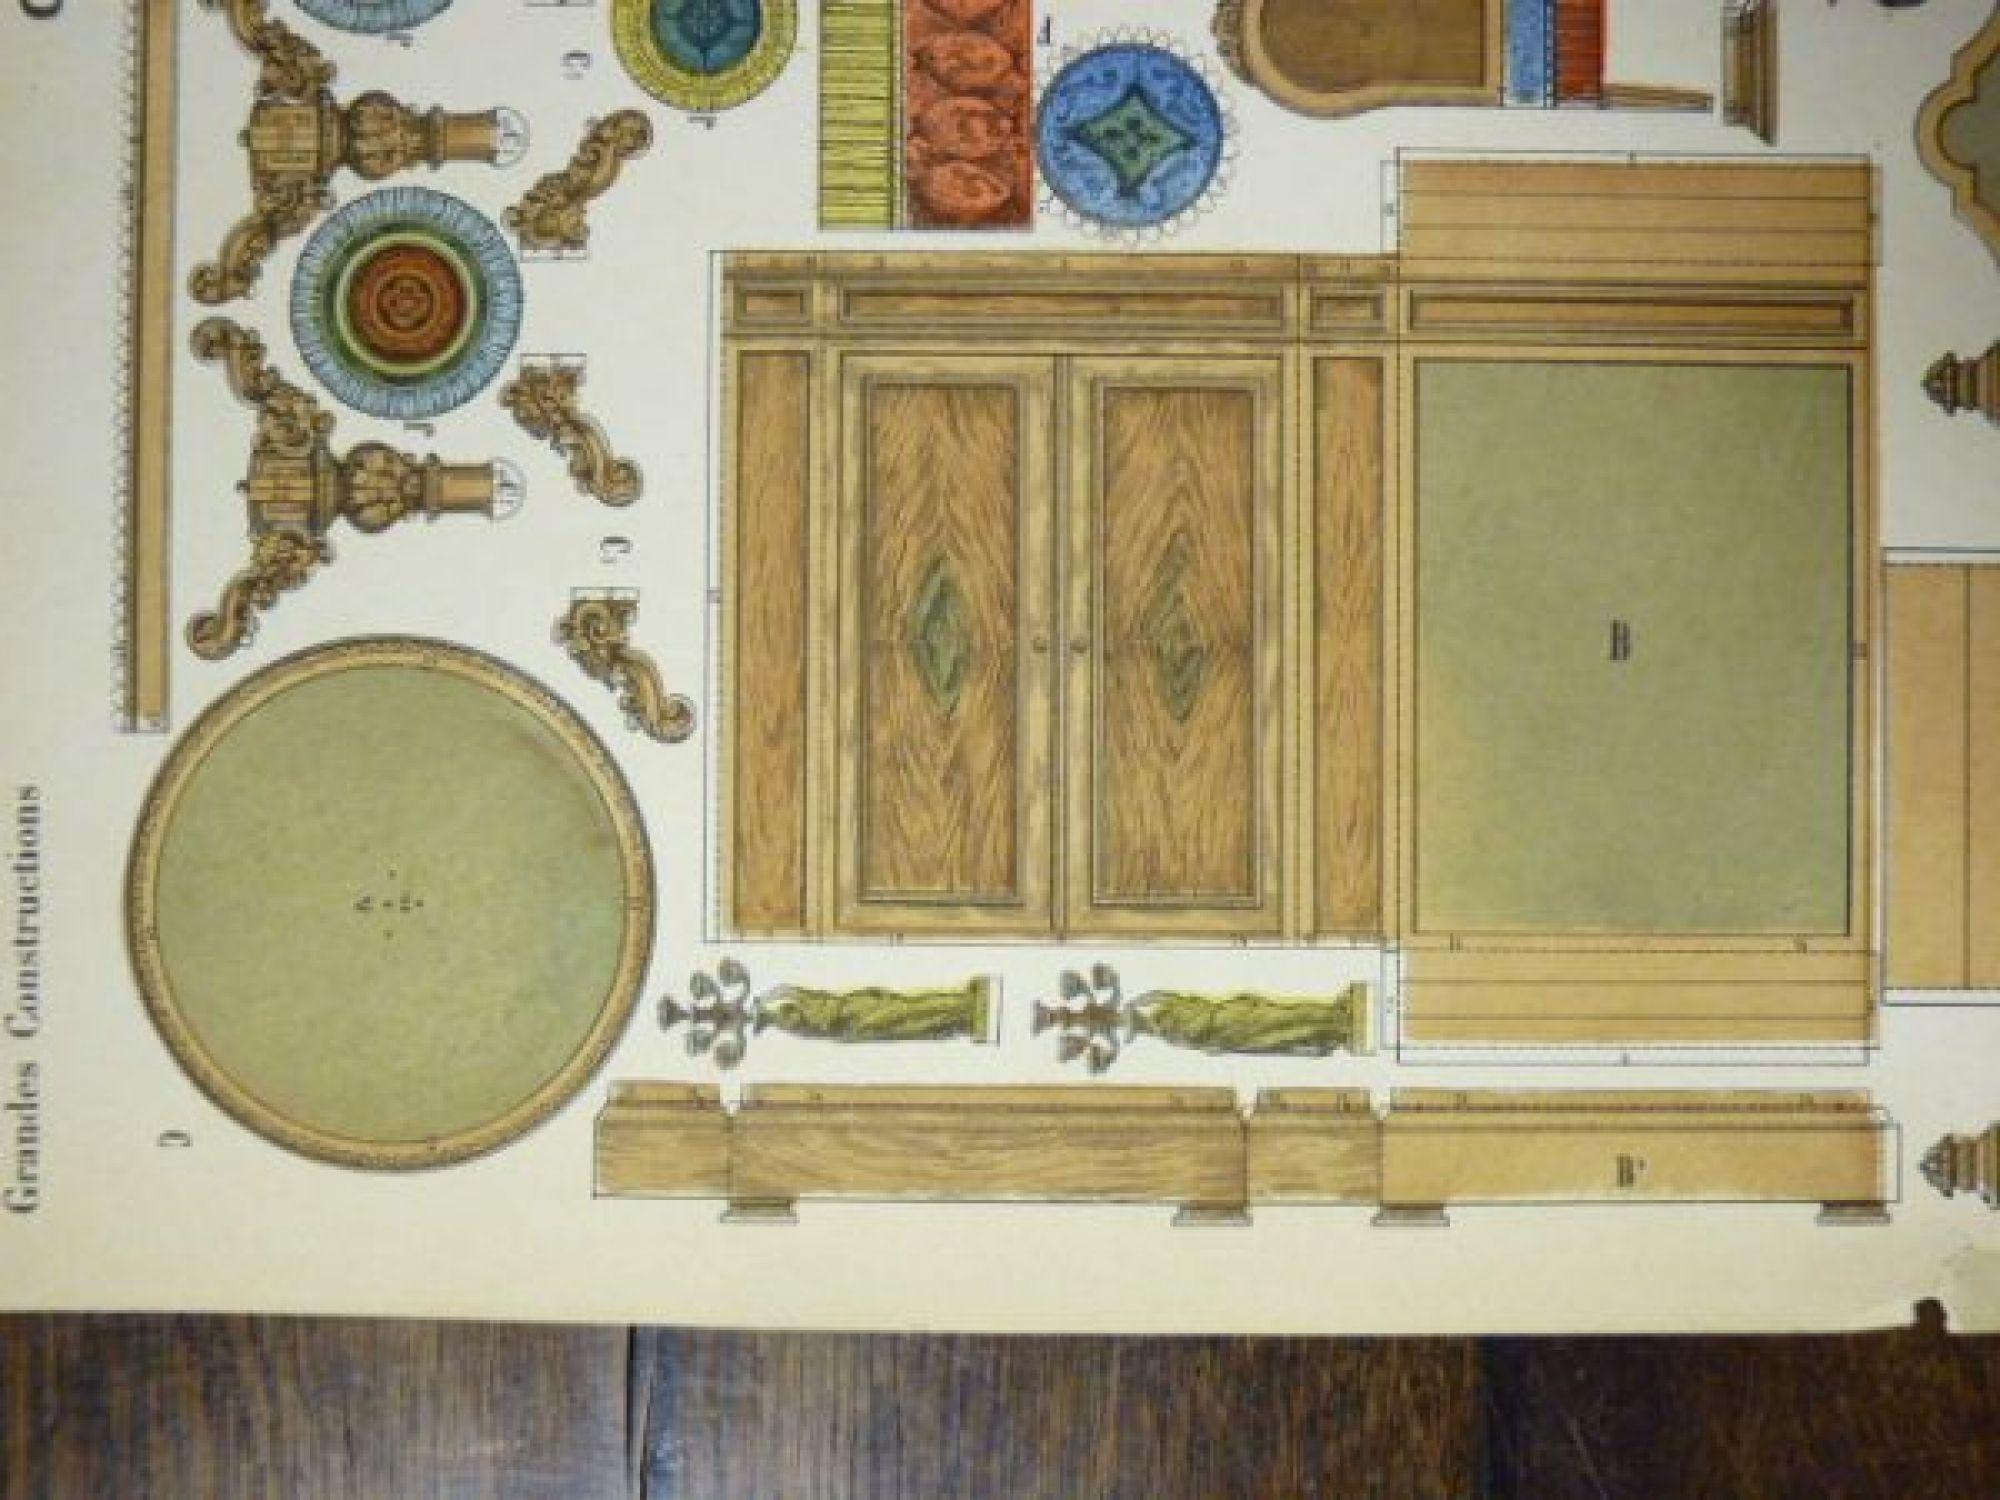 constructions Chambre  coucher Imagerie d épinal Pellerin n°192